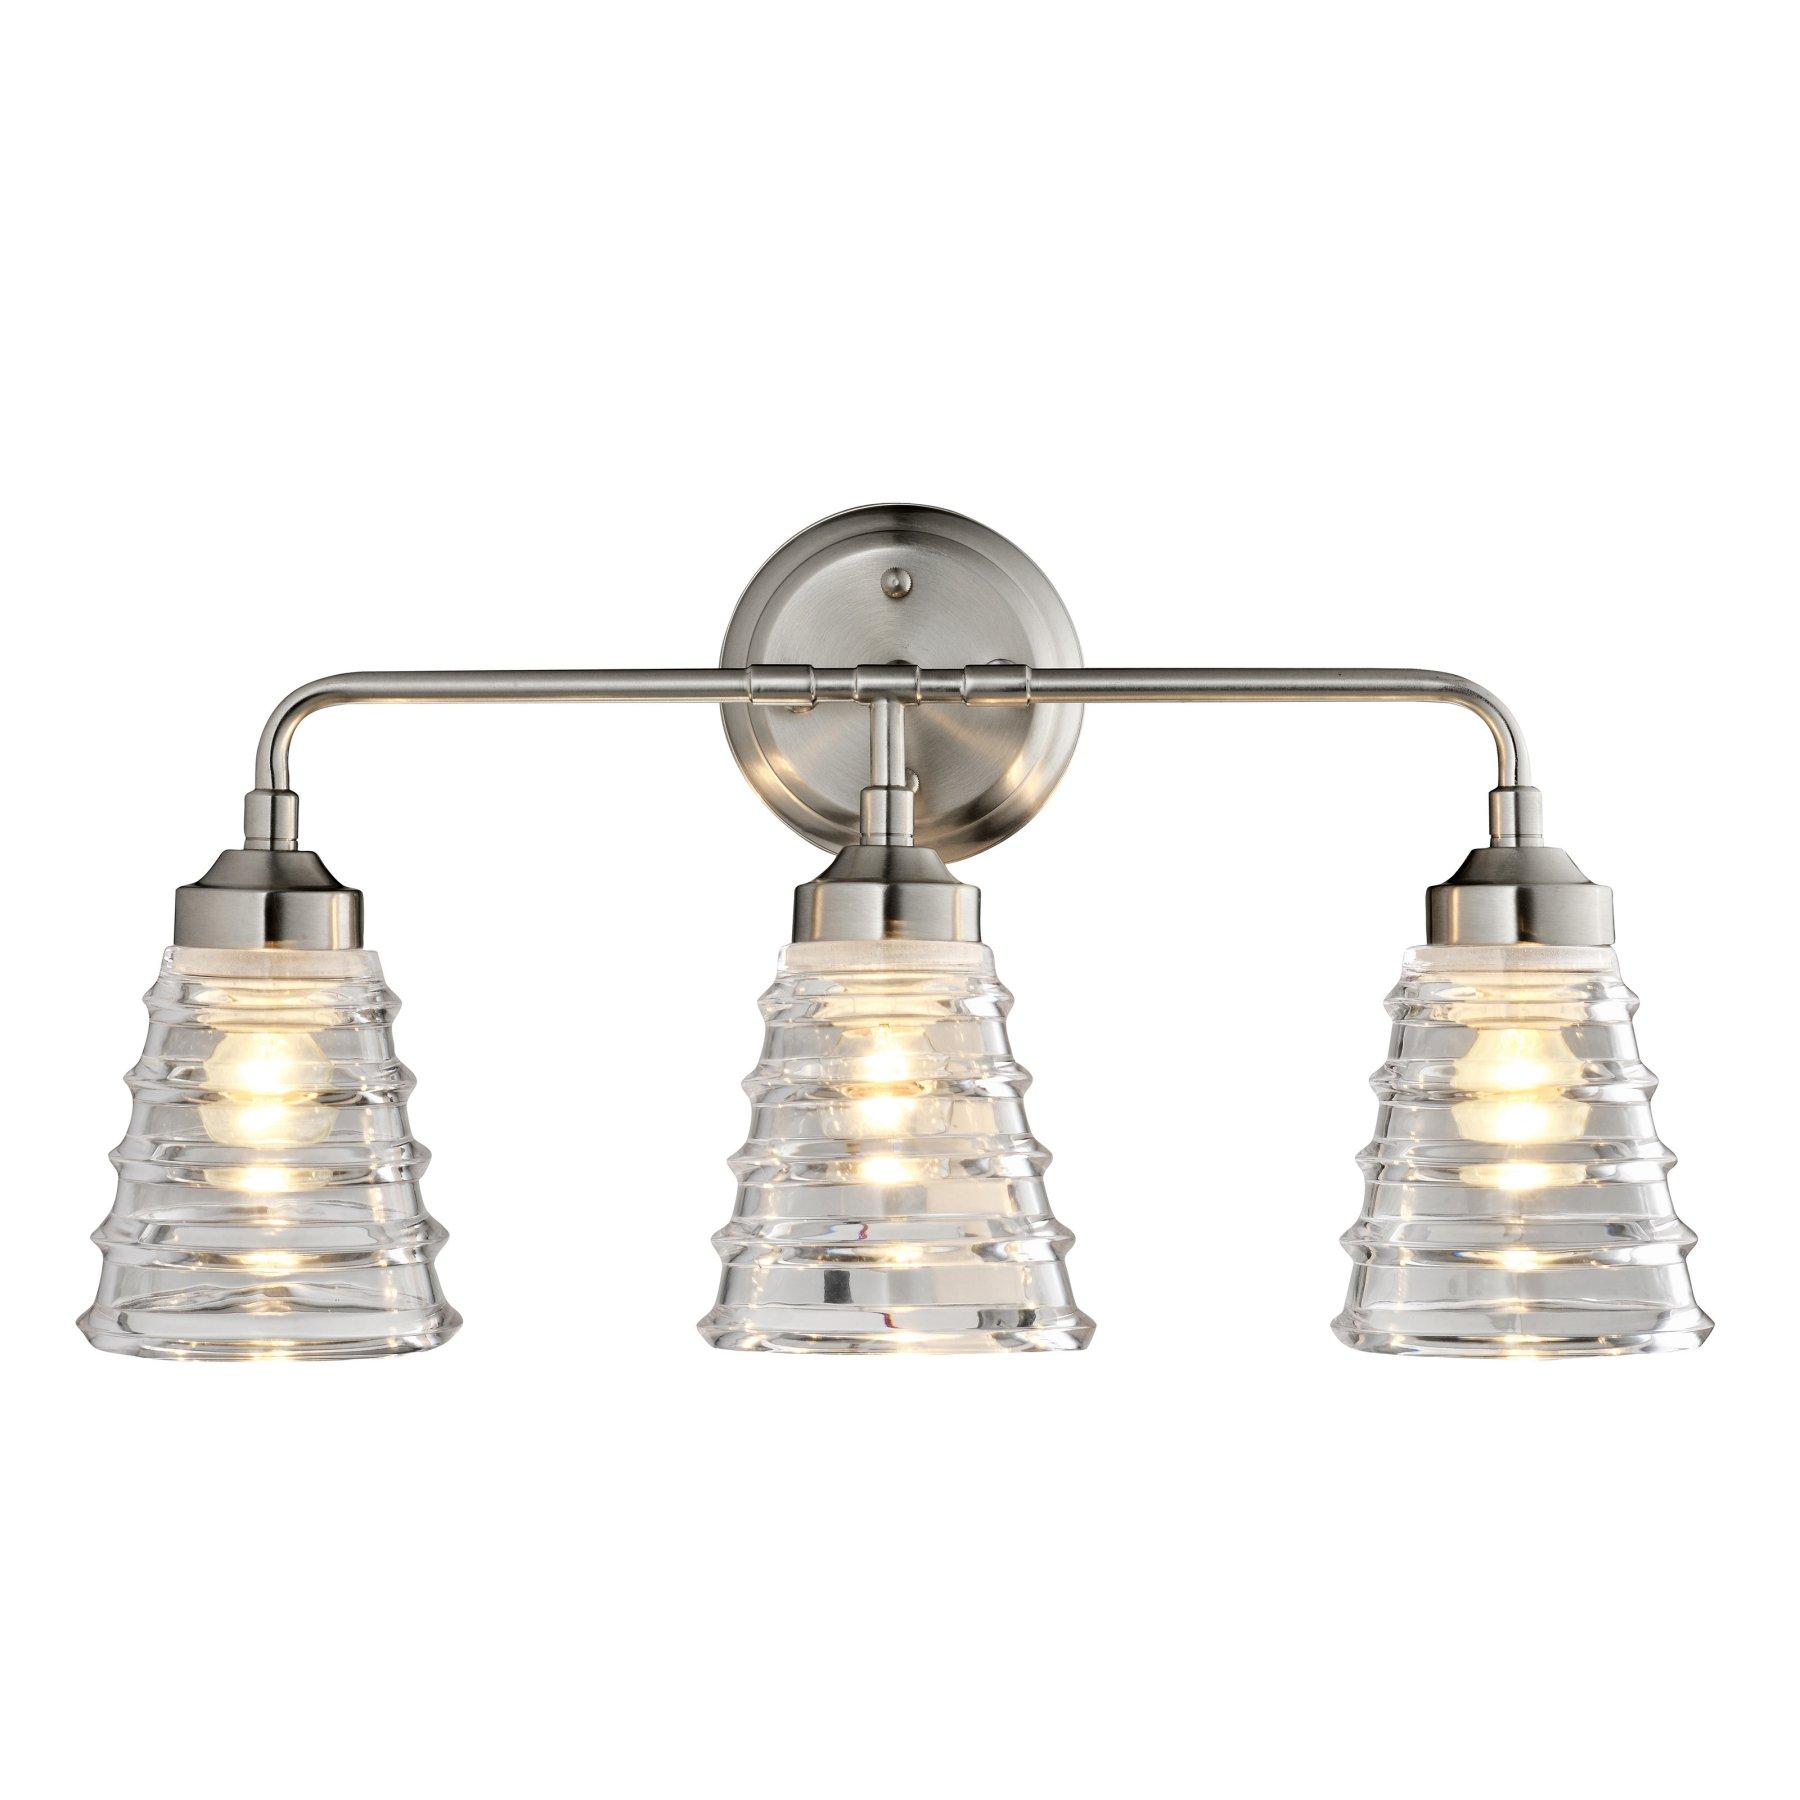 Varaluz Amherst 3 Light Bathroom Vanity Light  313B03Bn